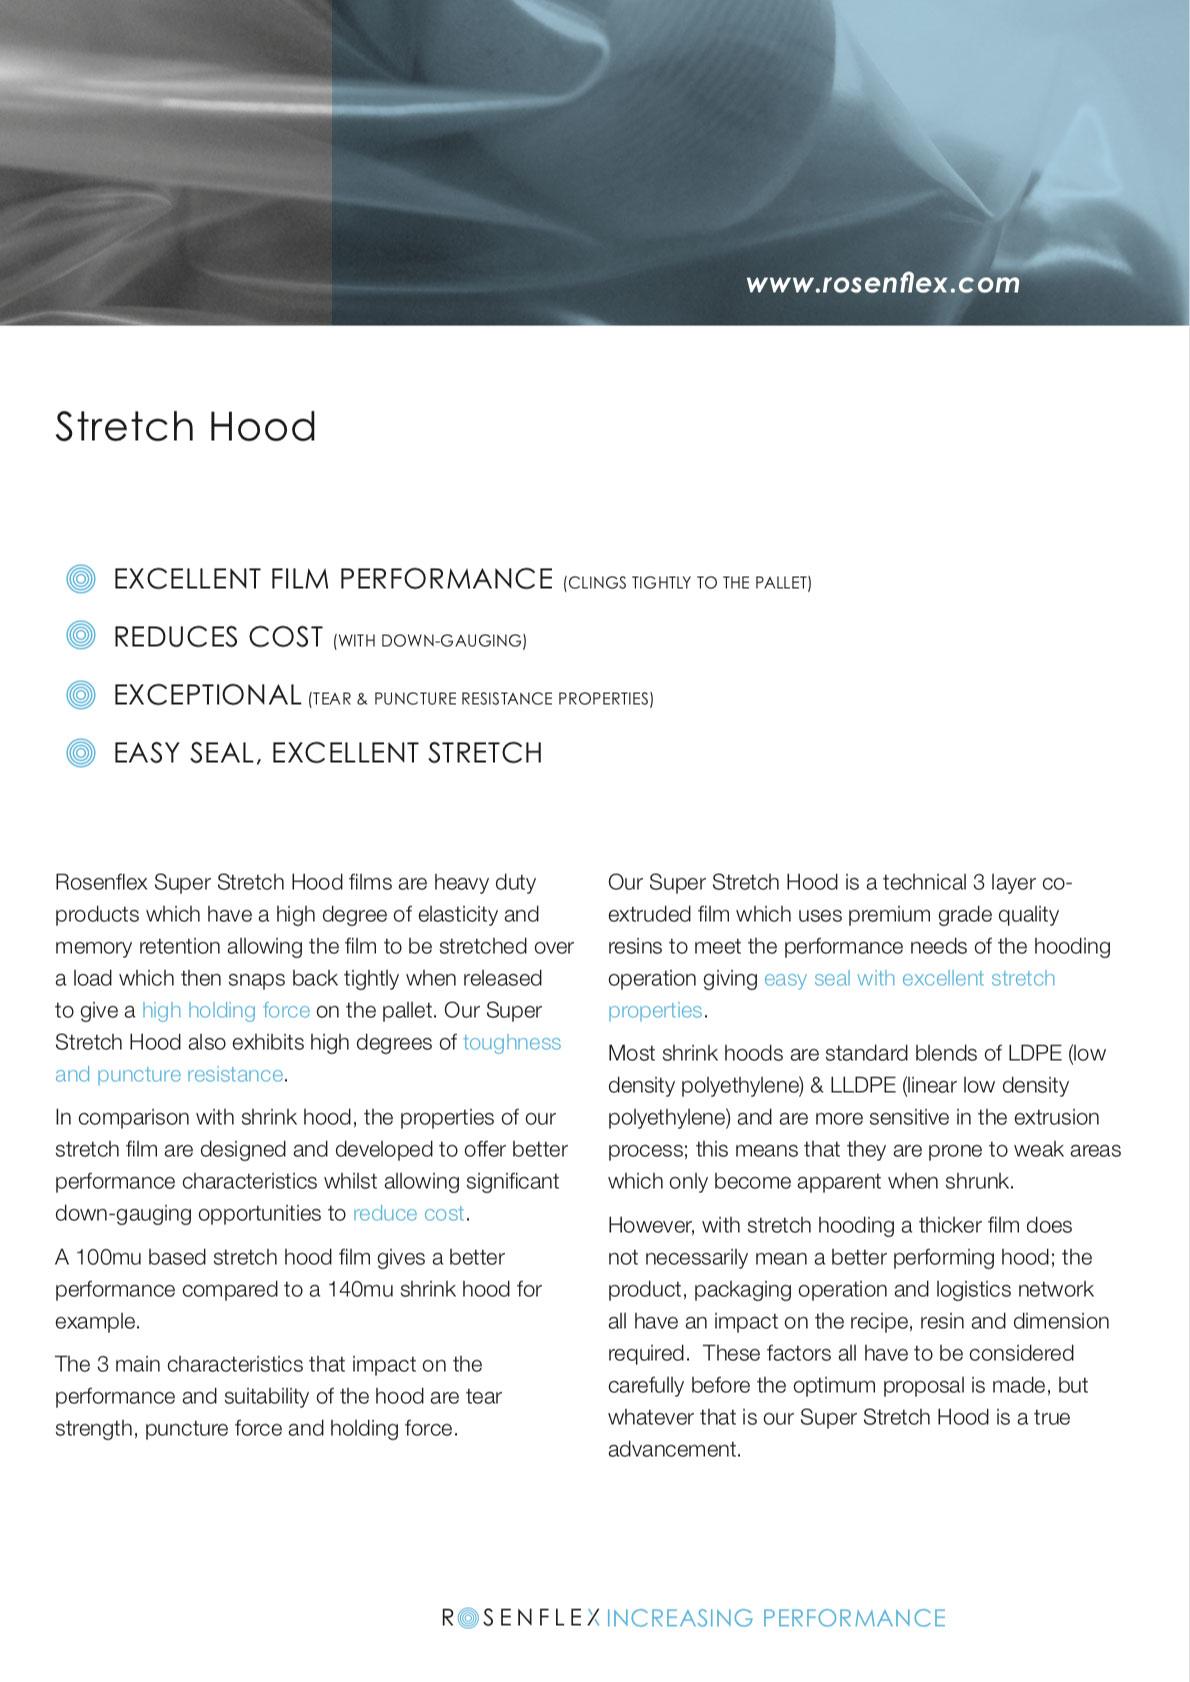 Stretch-hood